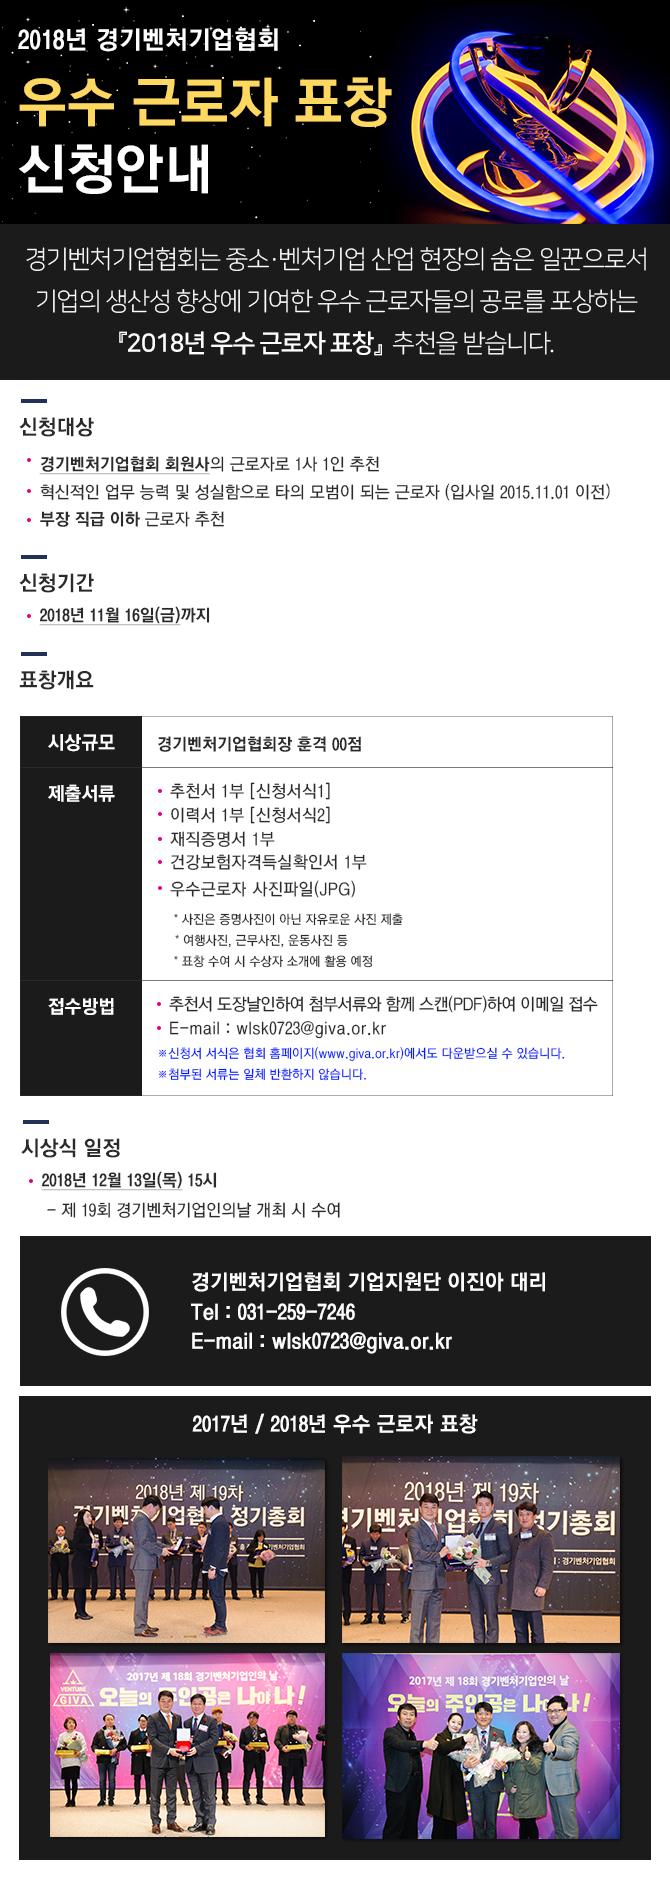 홈페이지_2018 우수근로자 표창(경기벤처기업인의날)_수정.jpg